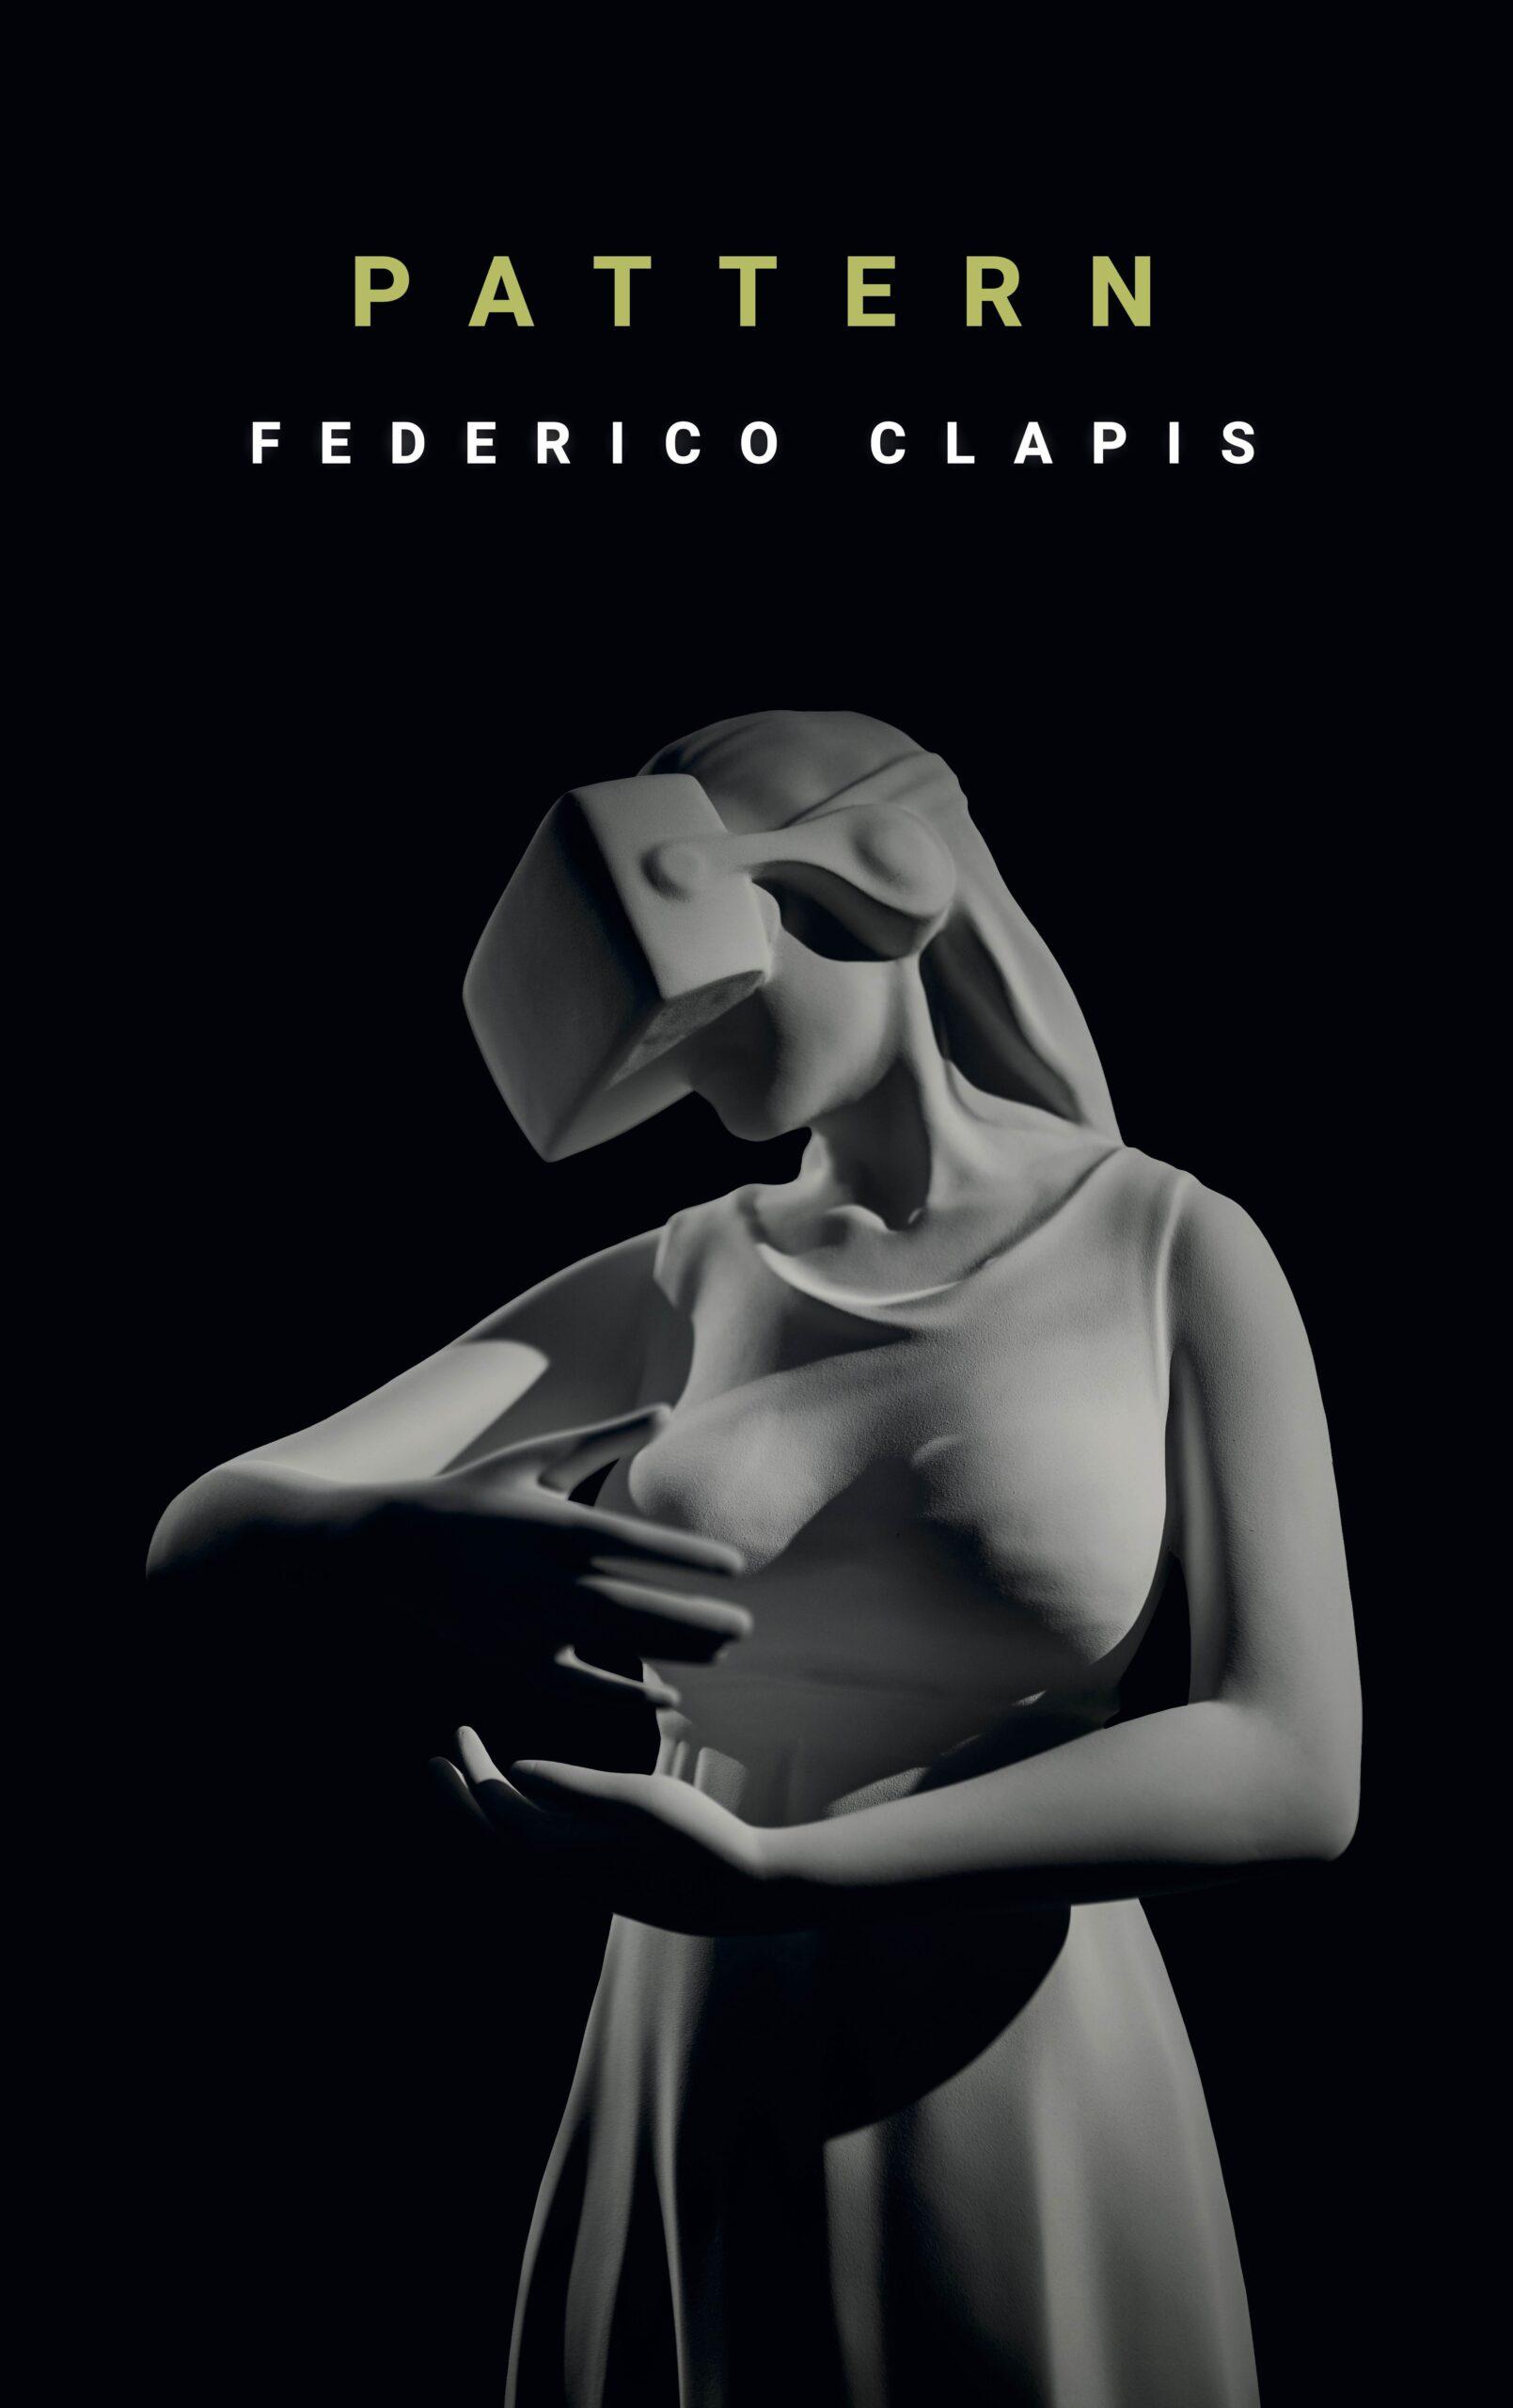 Pattern. Ecco il libro di Federico Clapis, biografia di un giovane artista